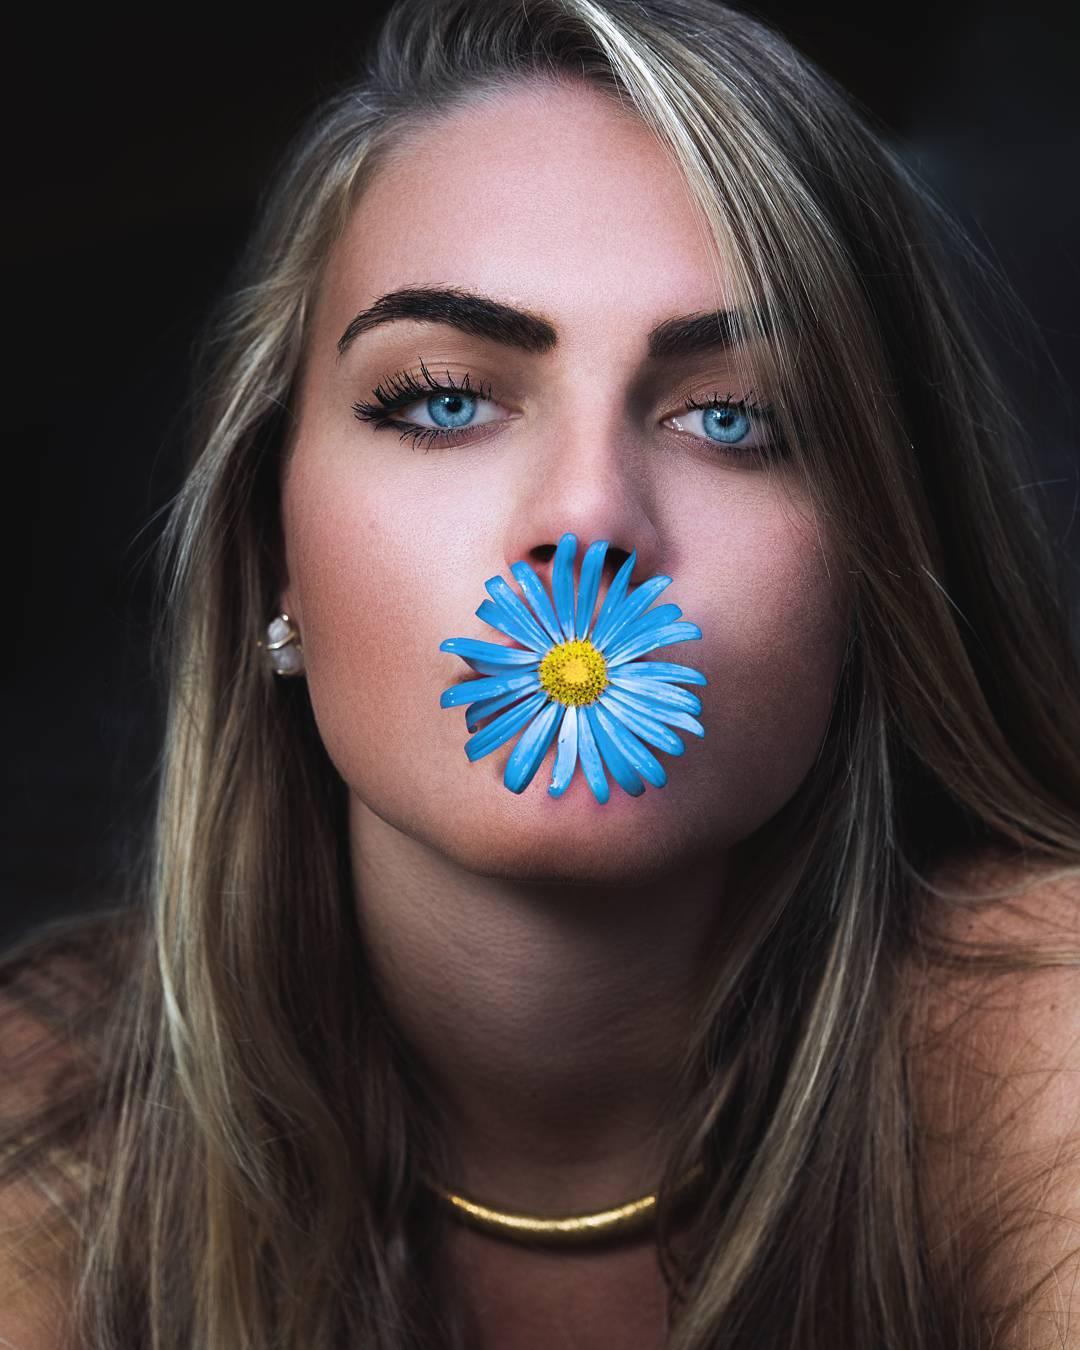 Maravillosos retratos de belleza y lifestyle por Consuelo Sorsoli (36)